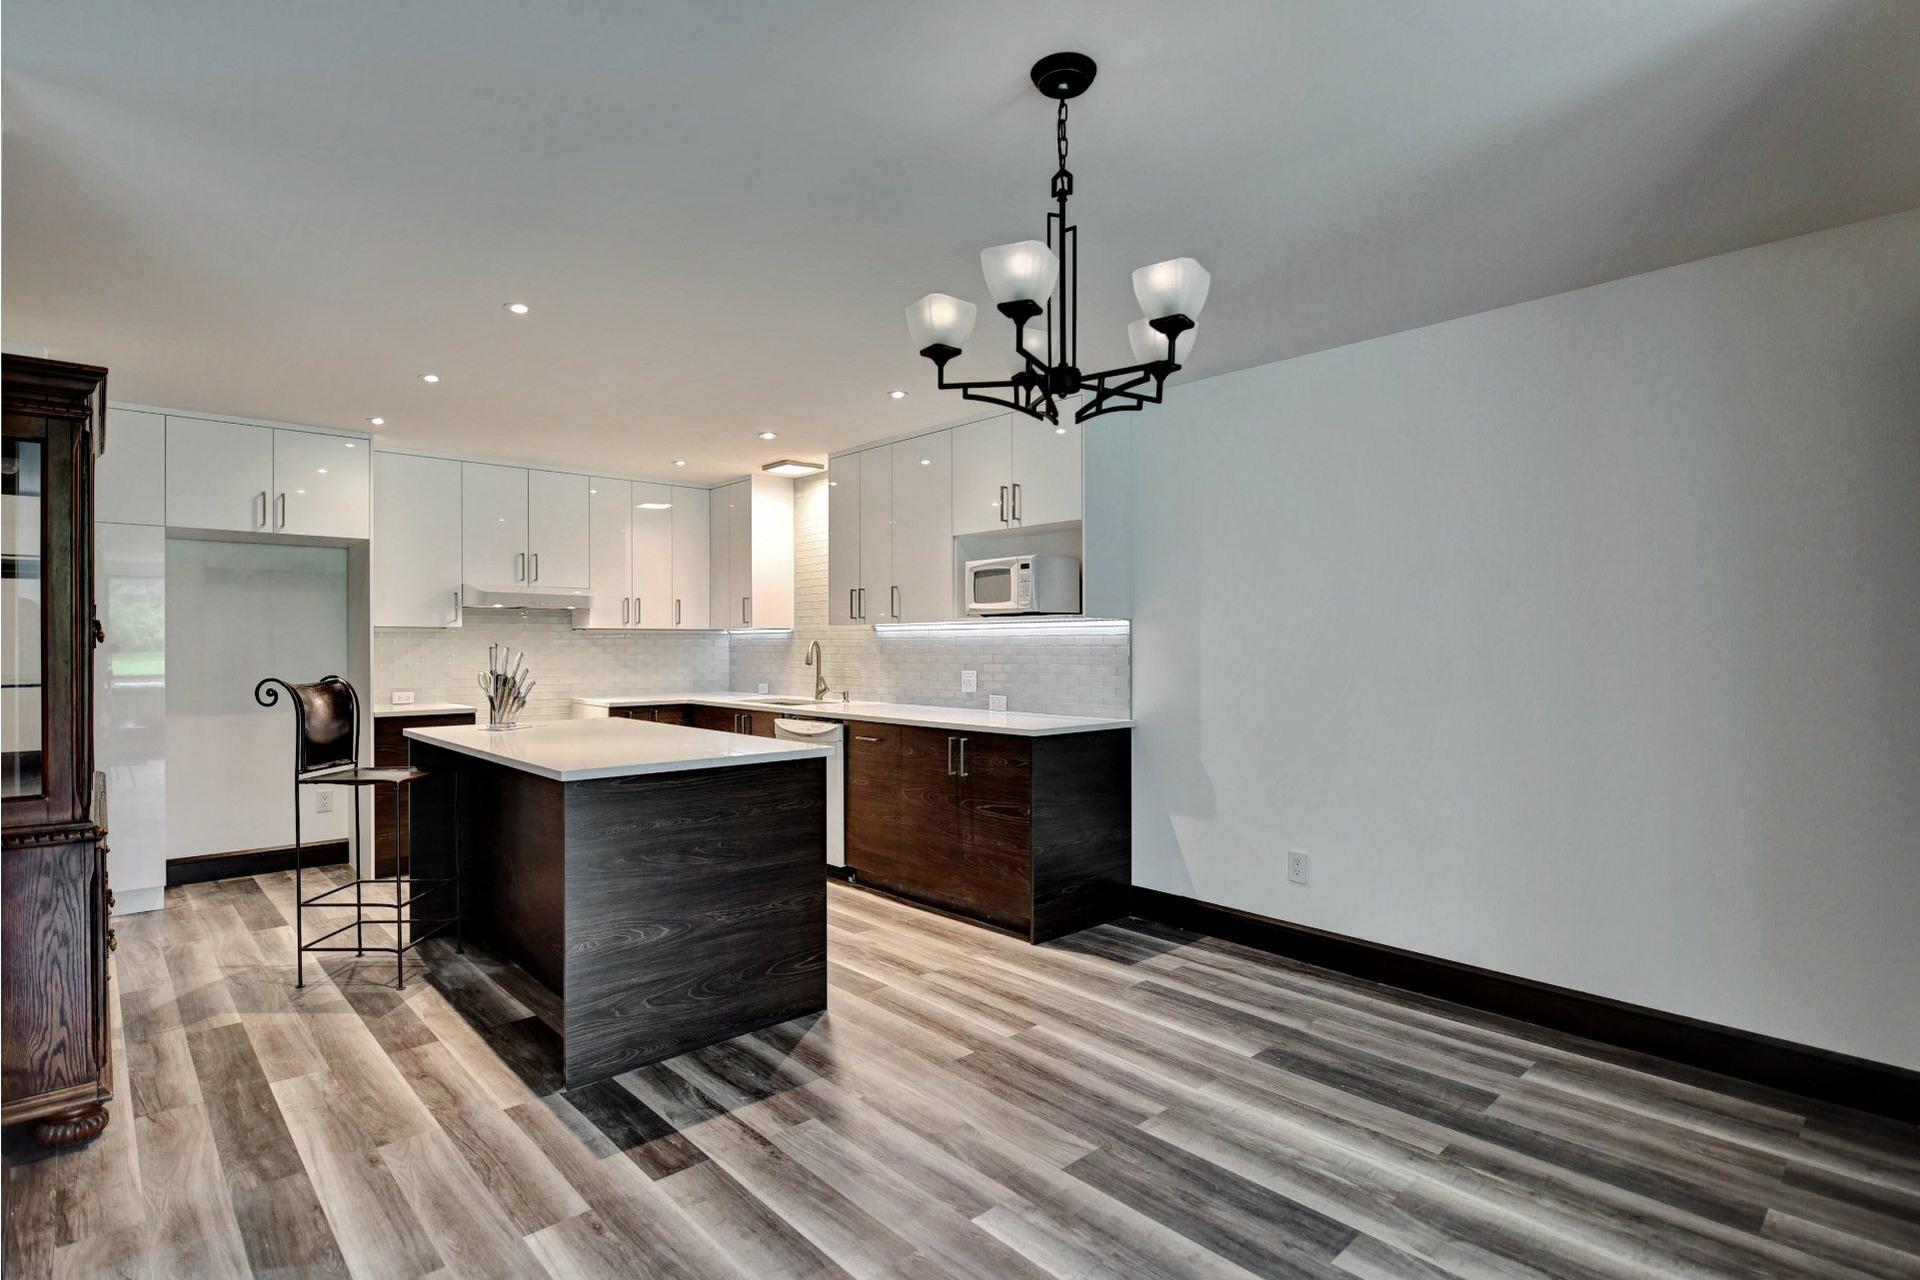 image 11 - Appartement À vendre Montréal Verdun/Île-des-Soeurs  - 8 pièces